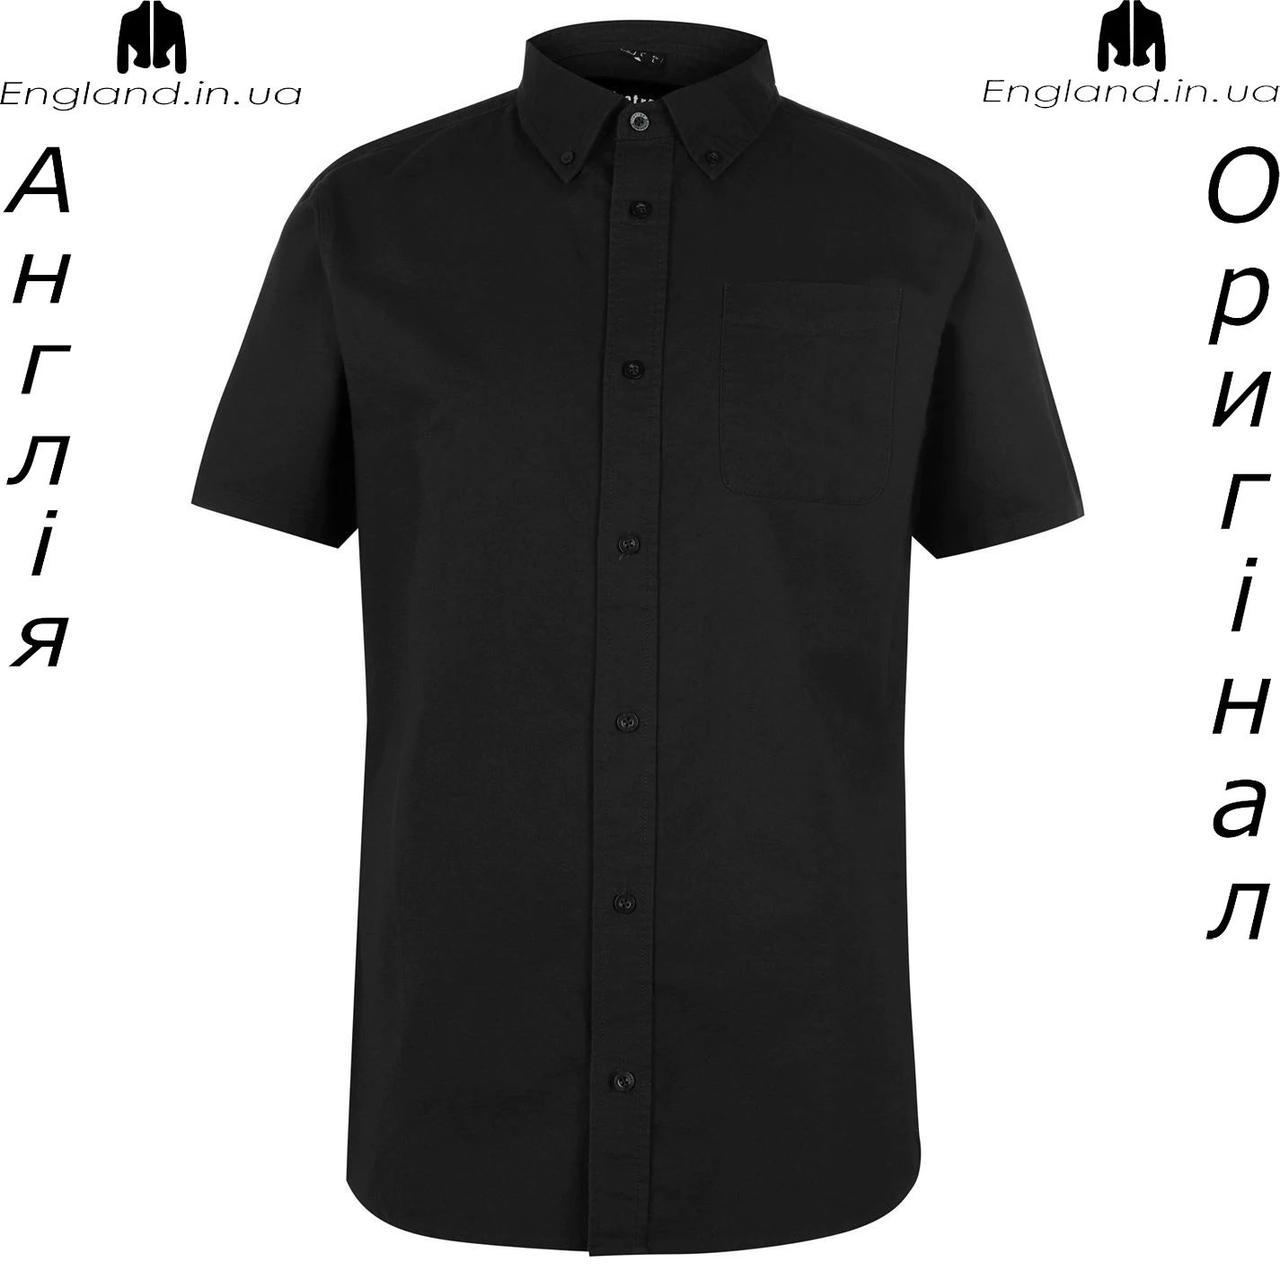 Рубашка мужская Firetrap из Англии - на короткий рукав приталеная